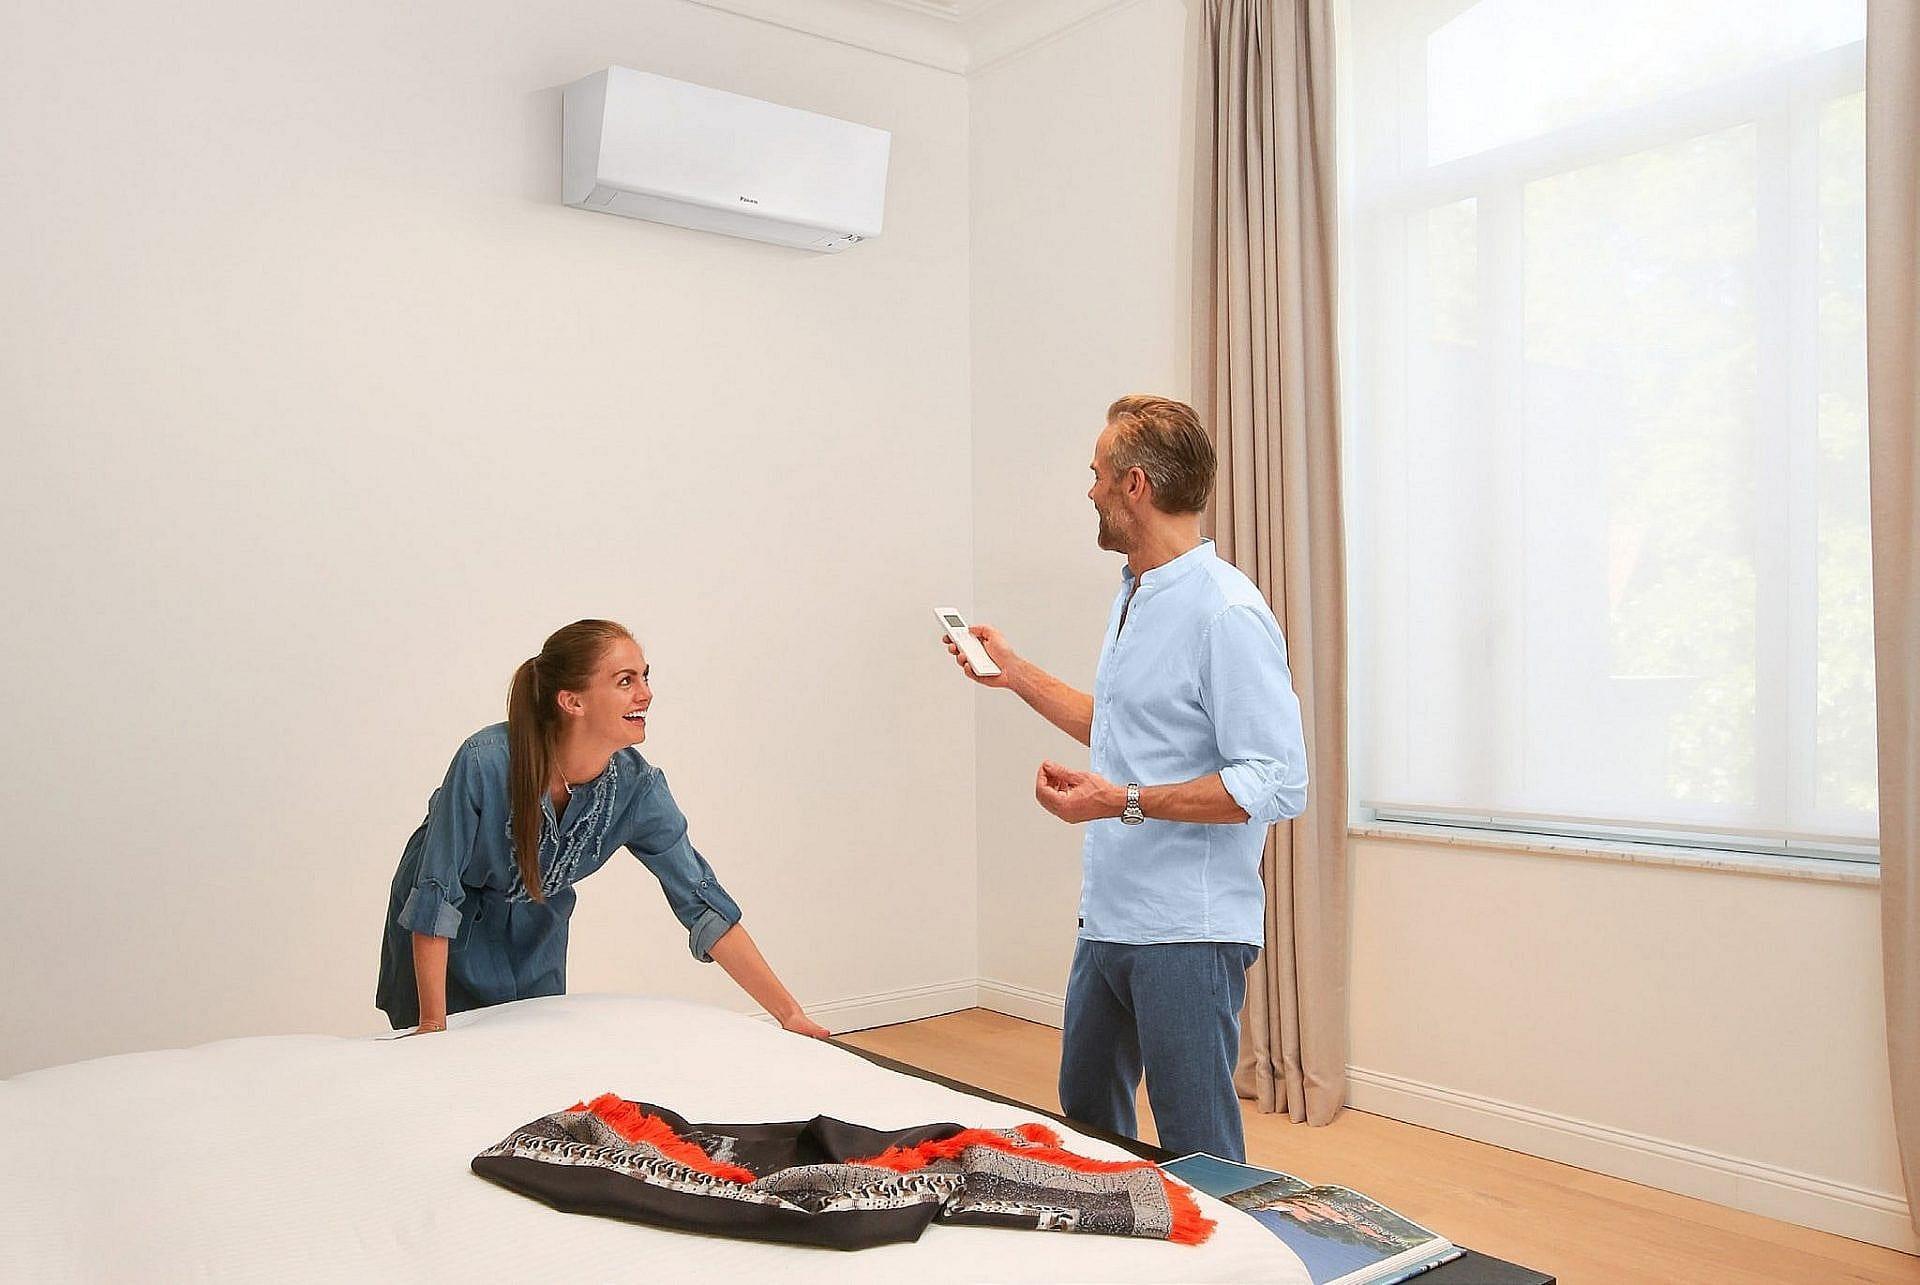 Luft luft varmepumpe af Axel Pedersen i Nyborg